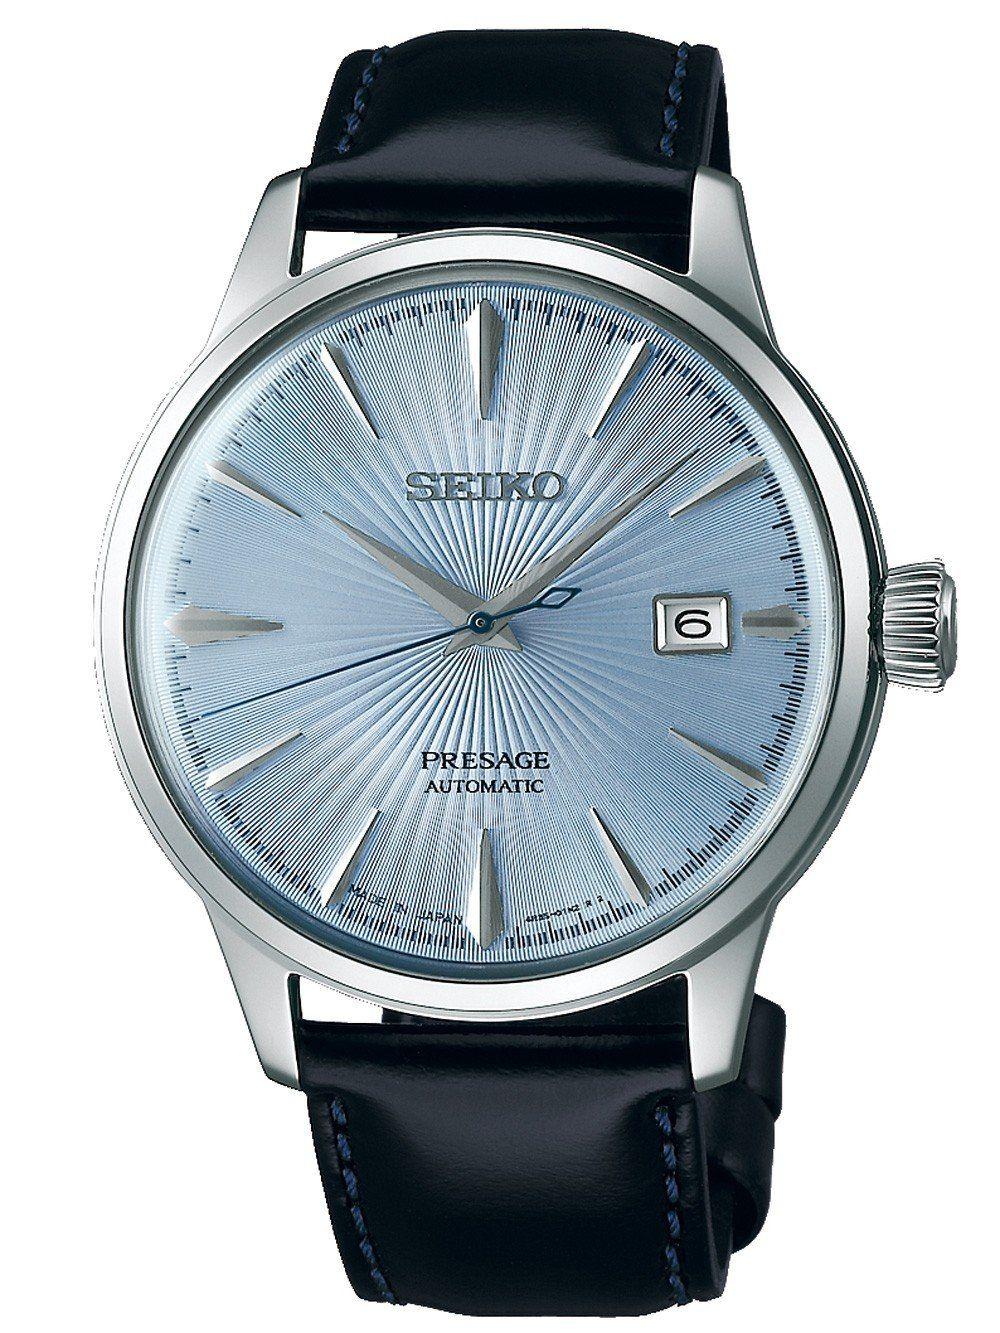 10% auf Uhren bei Timeshop24.de: z.B. Seiko Presage Automatik SRPB43J1 für 302,44€ (Vorkasse)